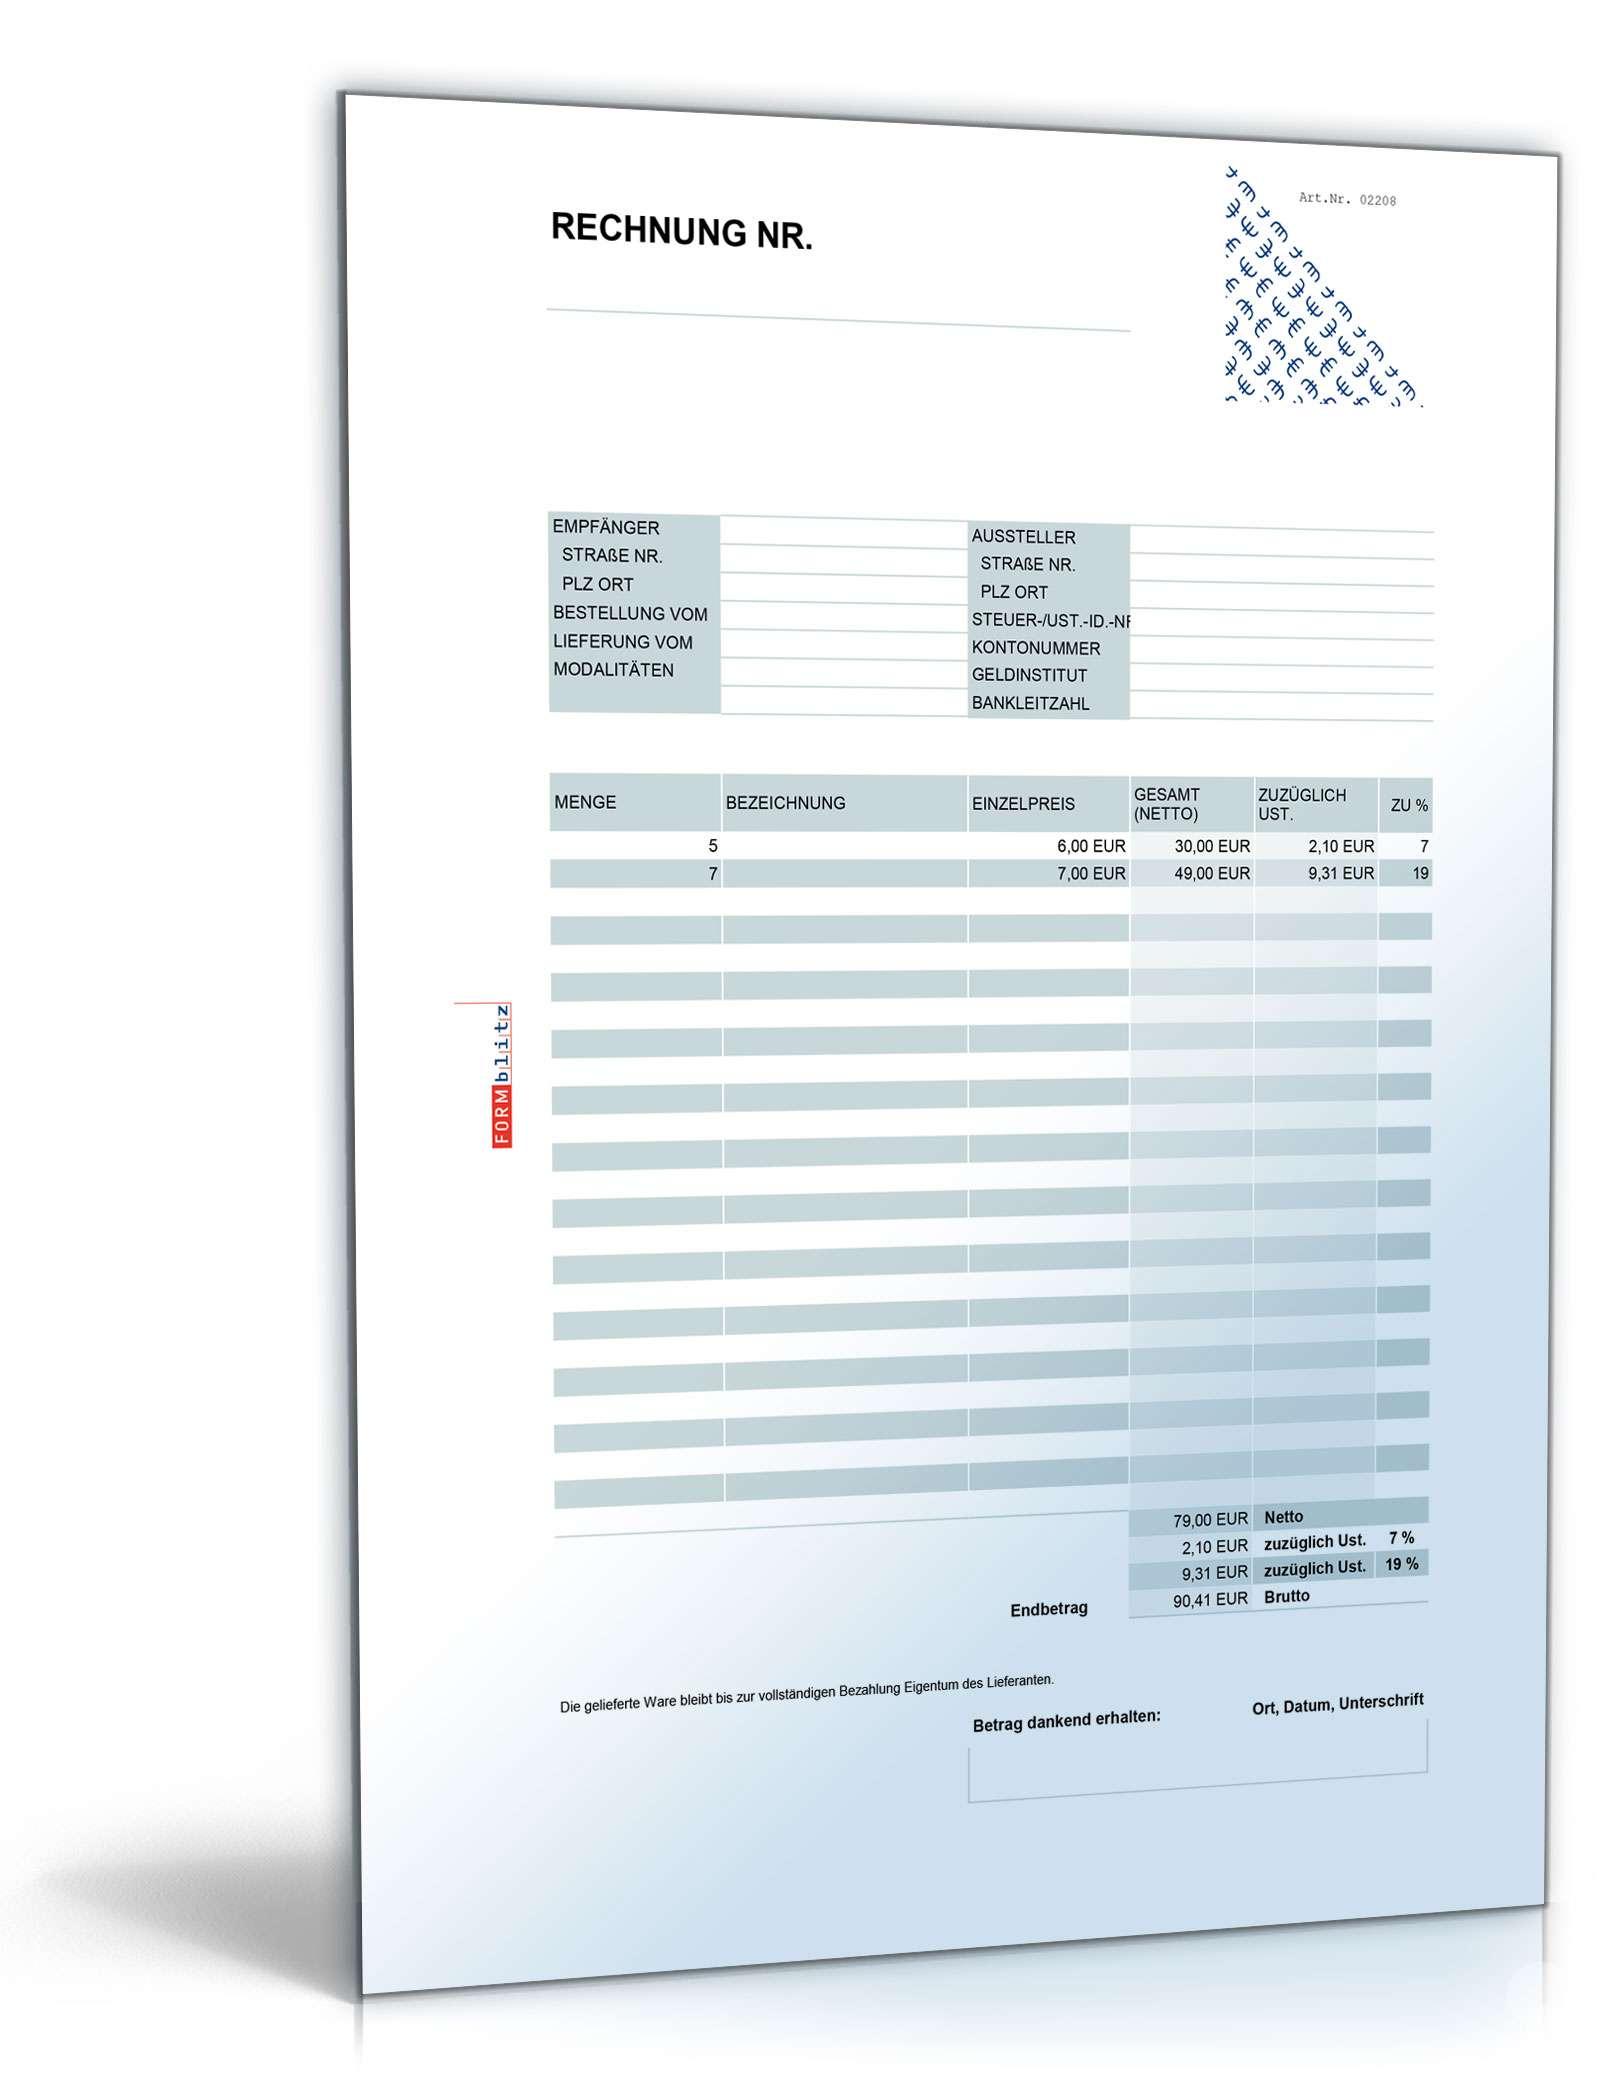 rechnung netto umsatzsteuer variabel muster zum download. Black Bedroom Furniture Sets. Home Design Ideas